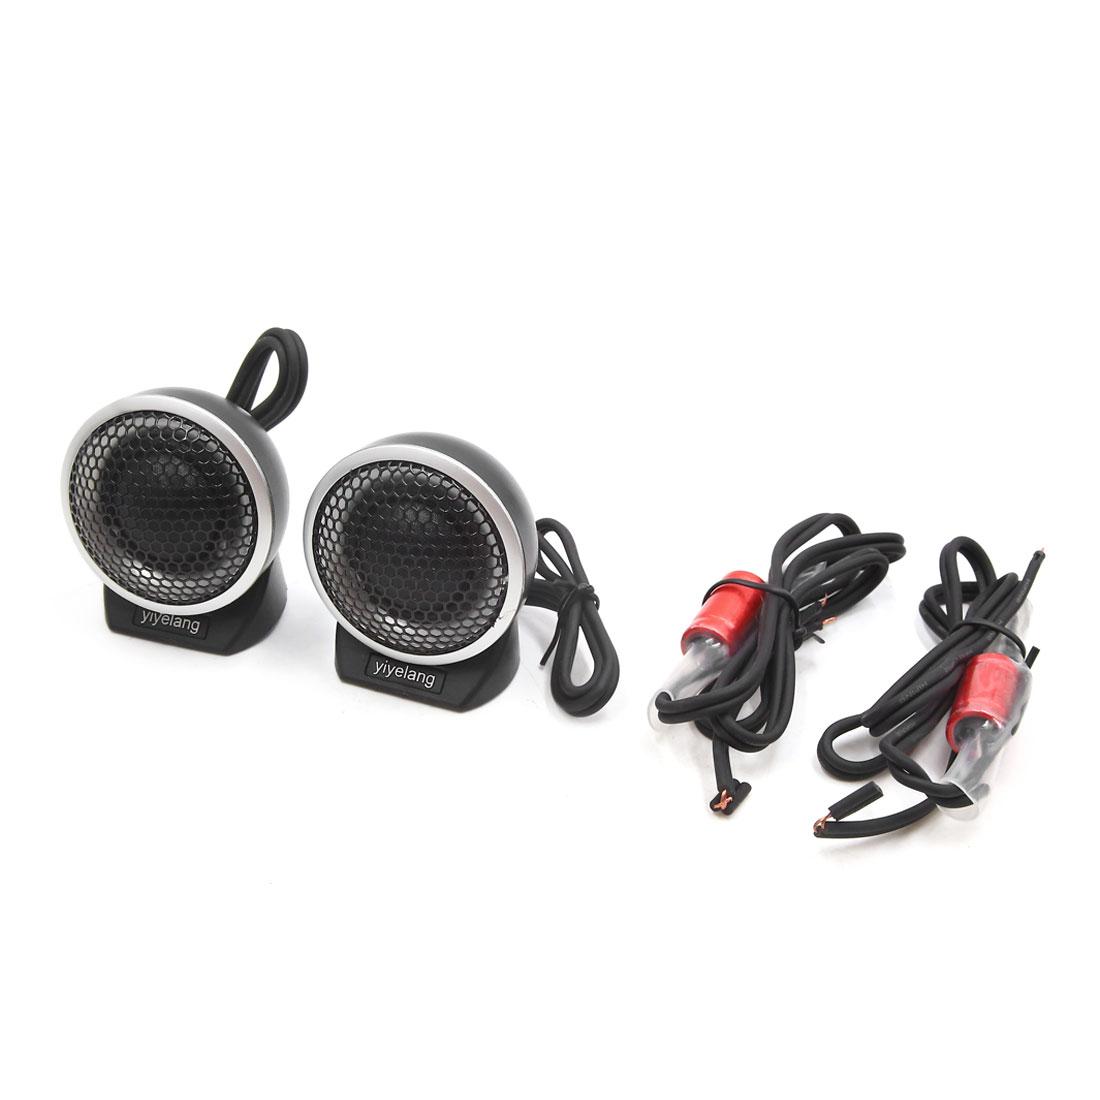 2pcs Universal Auto Car Audio System Speaker Dome Tweeters Mini Horn 92dB 150W